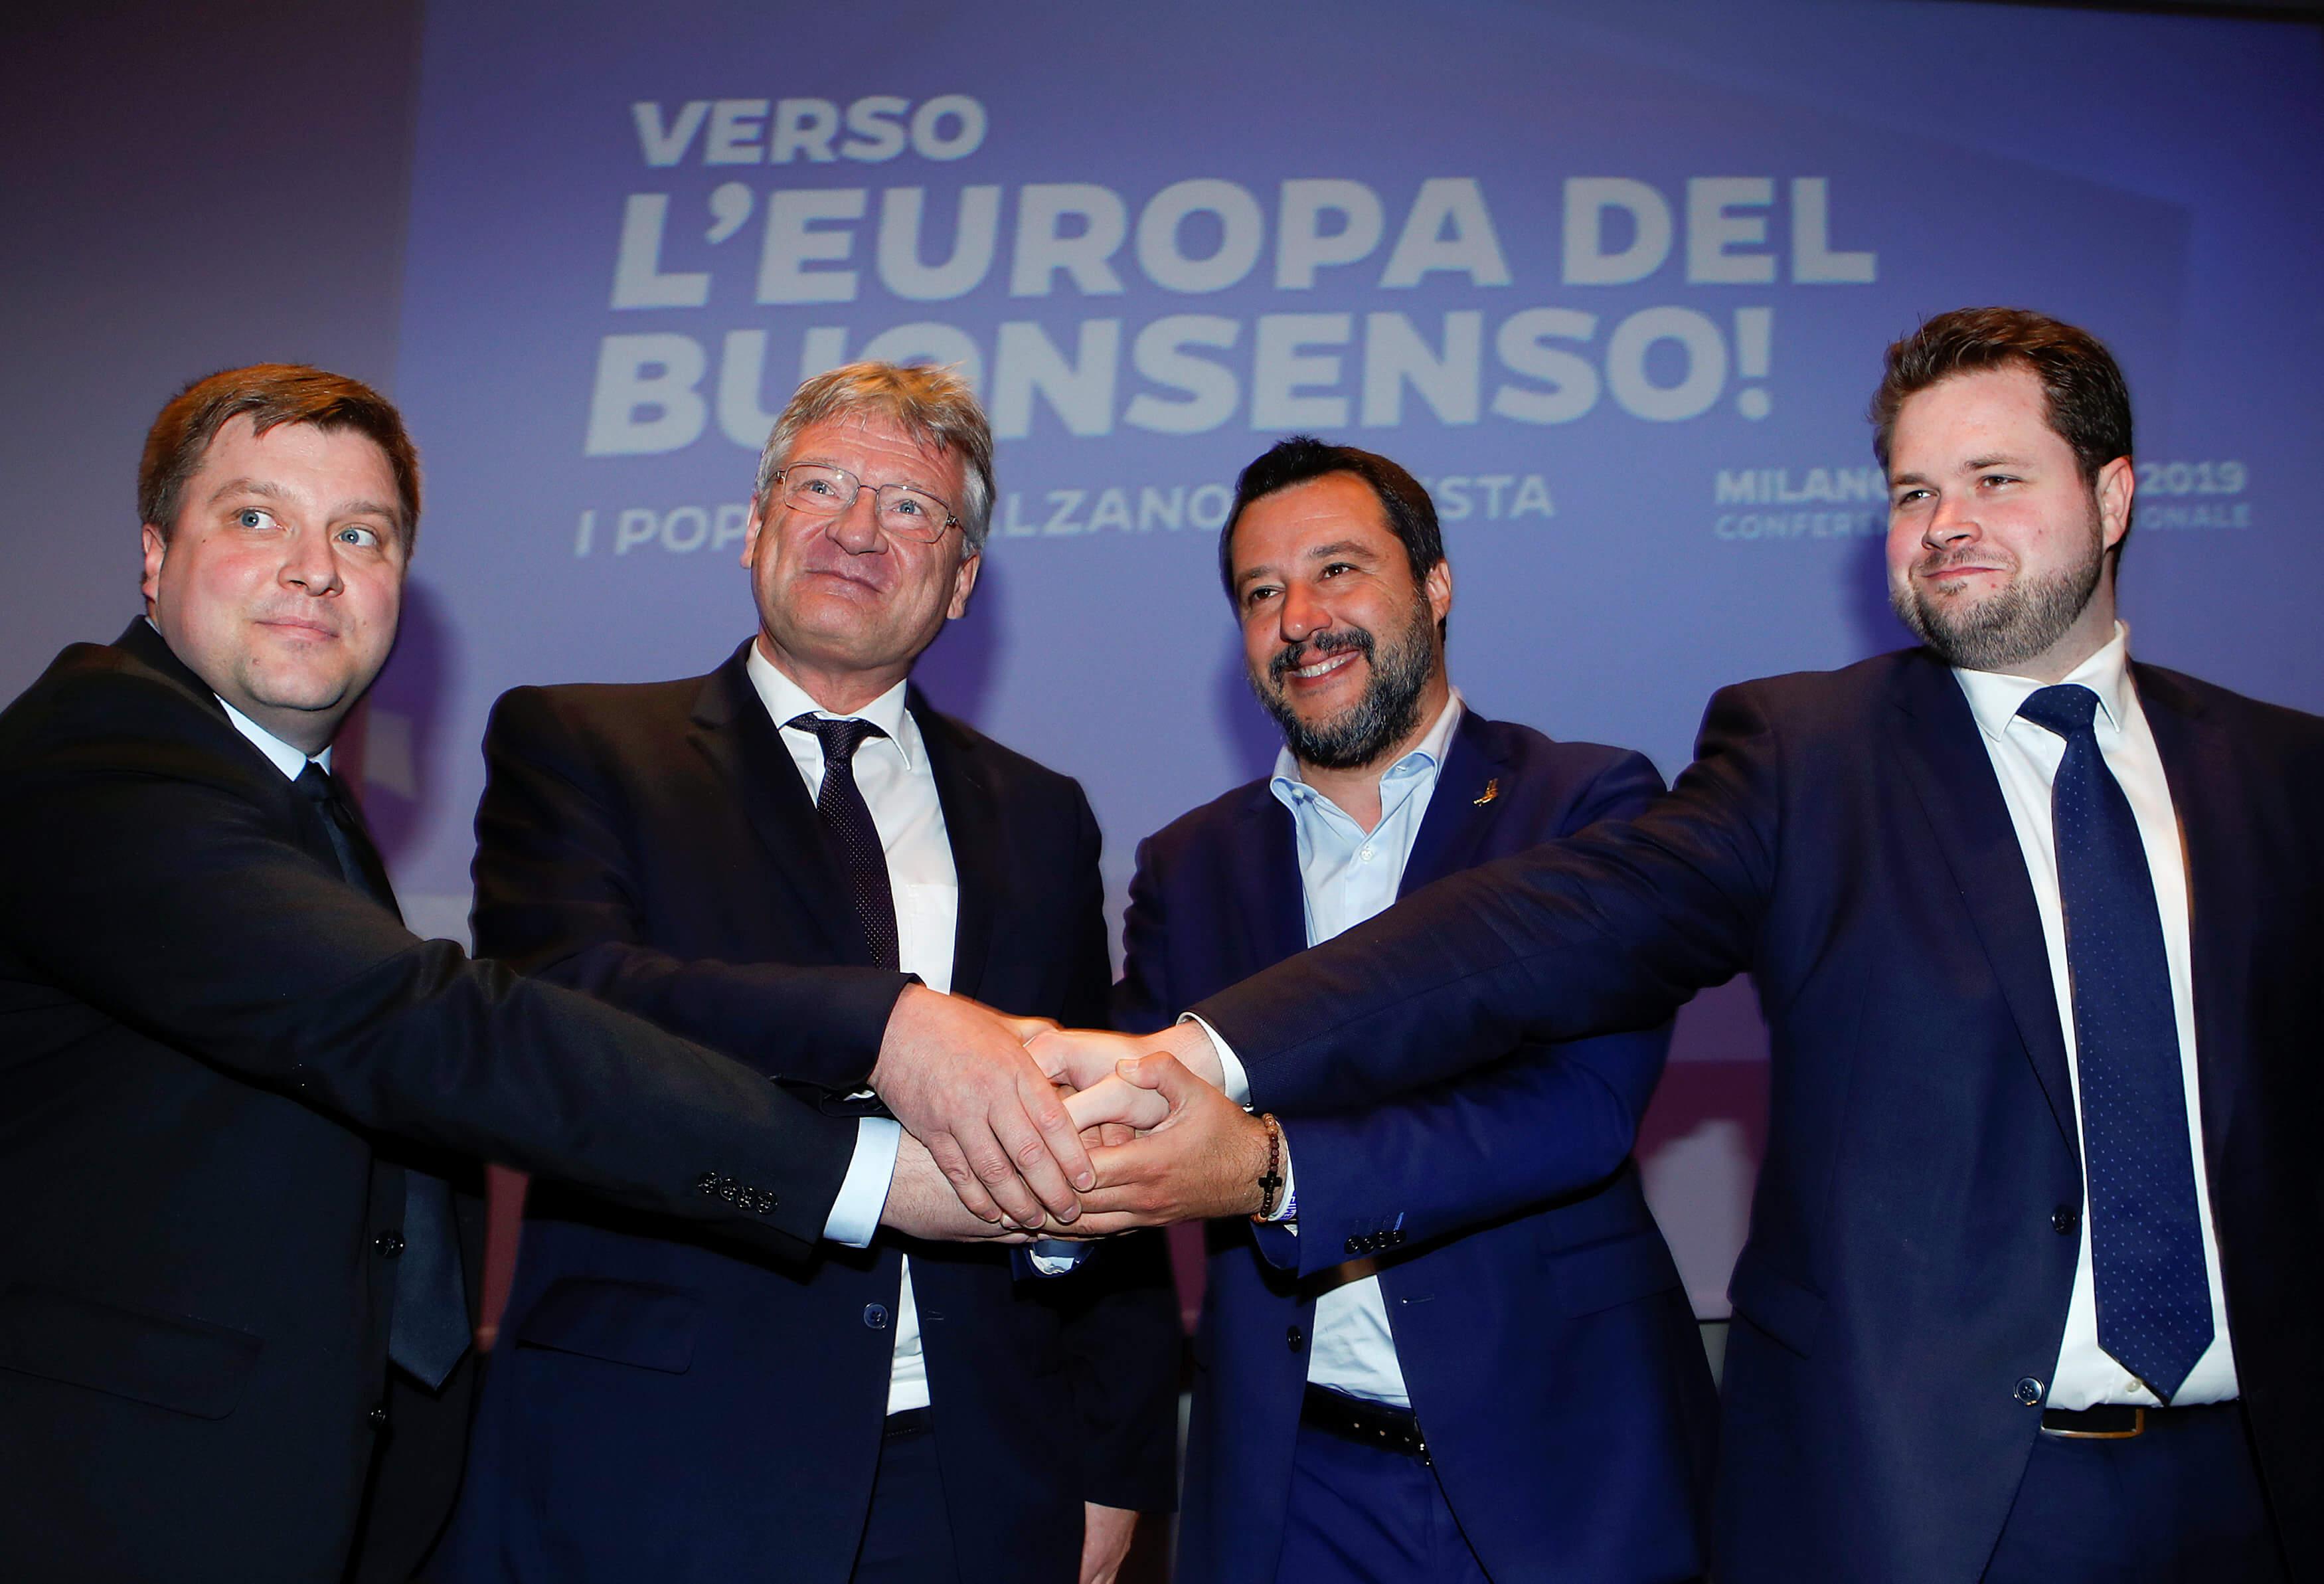 Ευρωεκλογές 2019: Κάλεσμα του Σαλβίνι στους ακροδεξιούς της Ευρώπης για συστράτευση